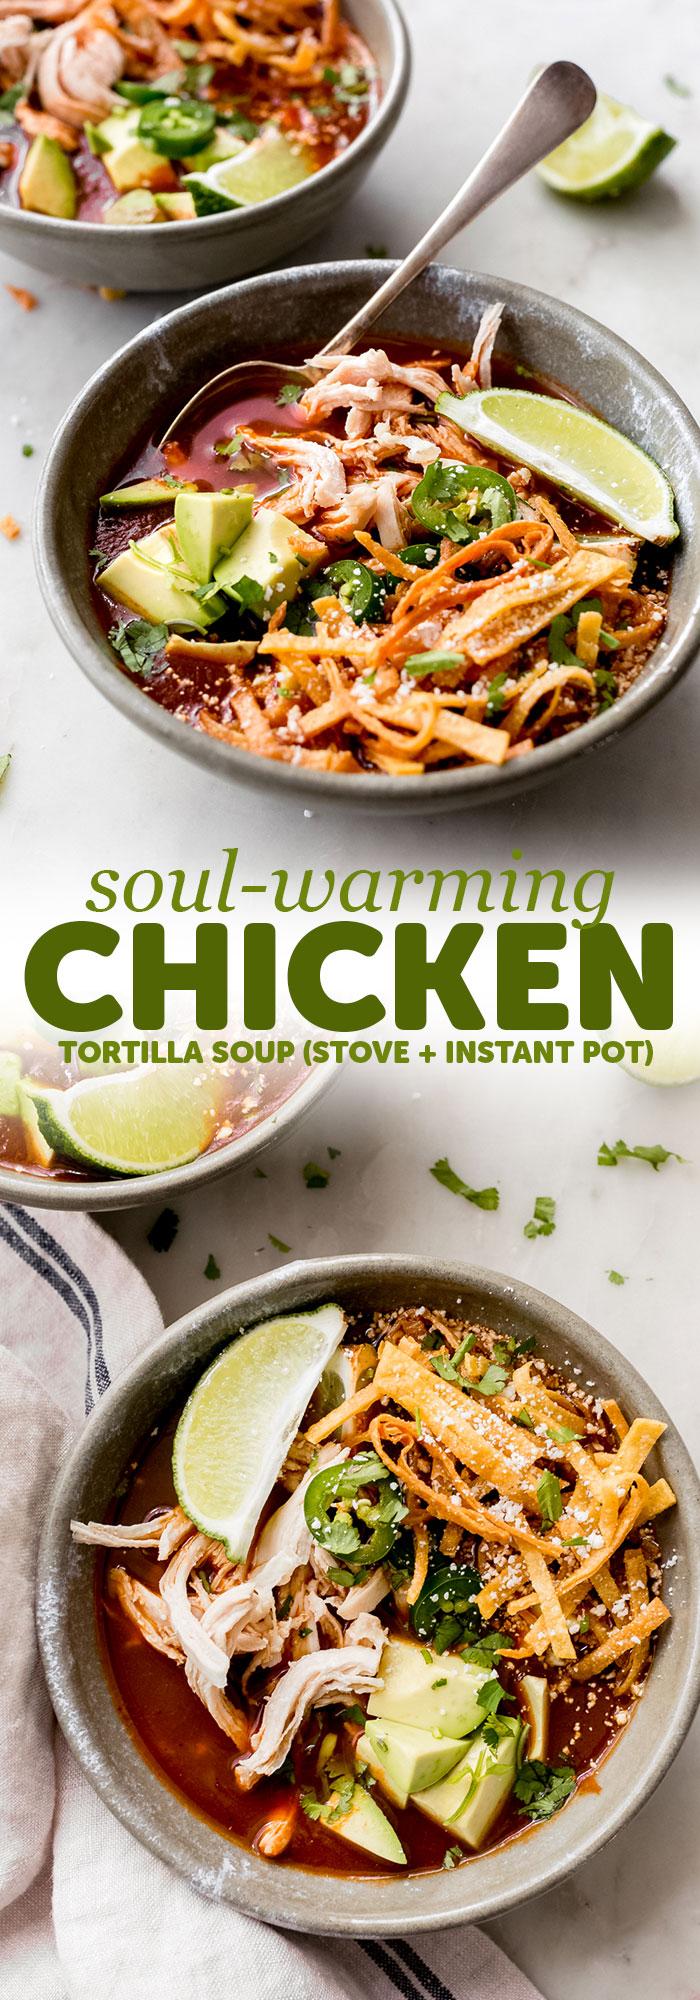 Soul-Warming Chicken Tortilla Soup Recipe - Little Spice Jar